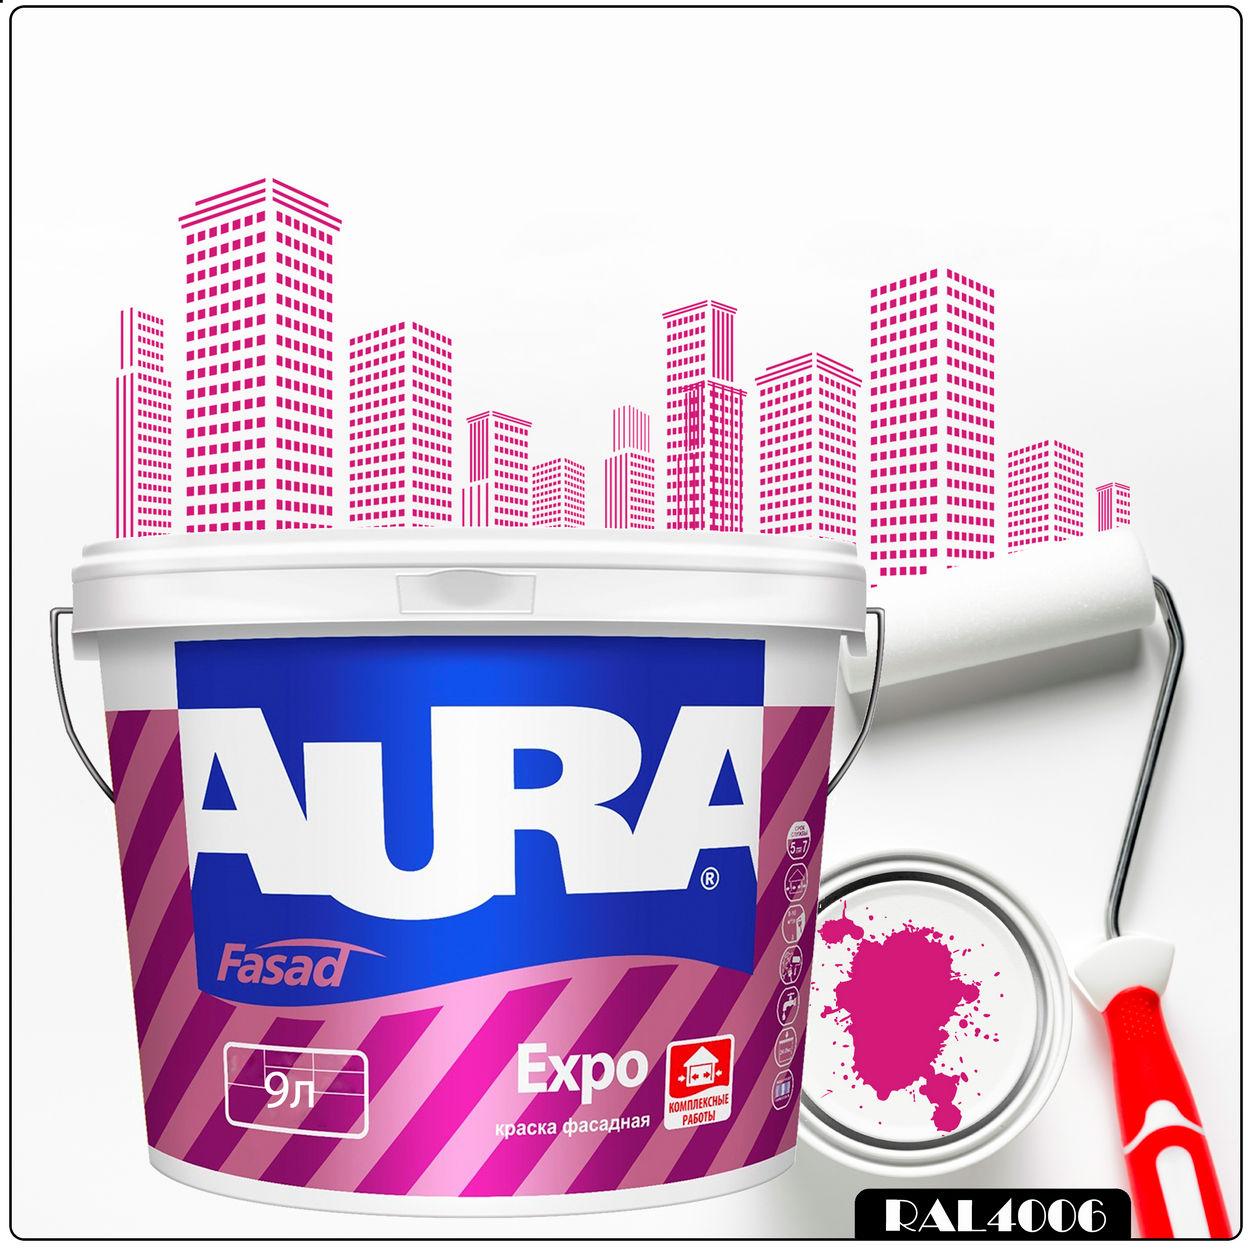 Фото 6 - Краска Aura Fasad Expo, RAL 4006 Пурпурный-транспортный, матовая, для фасадов и помещений с повышенной влажностью, 9л.